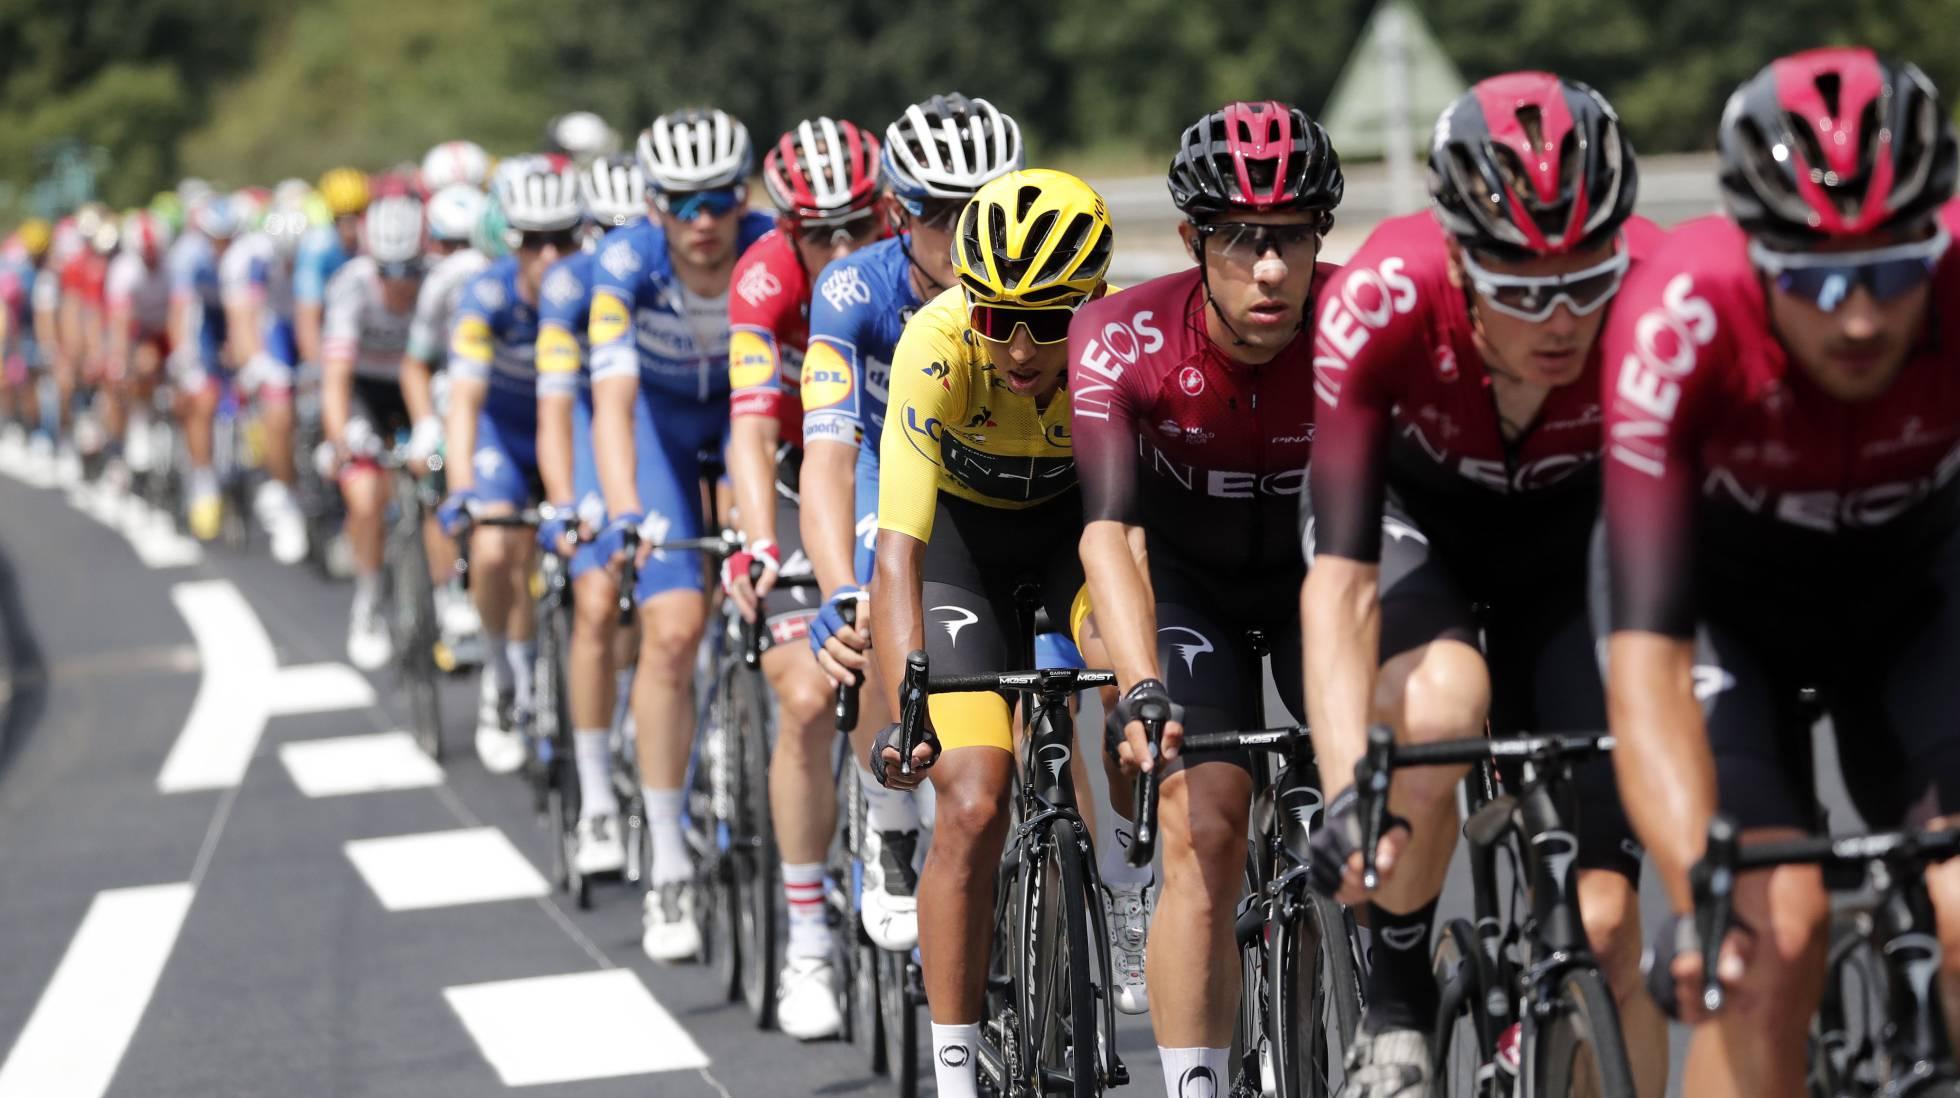 Agosto, el plan B para correr el Tour de Francia